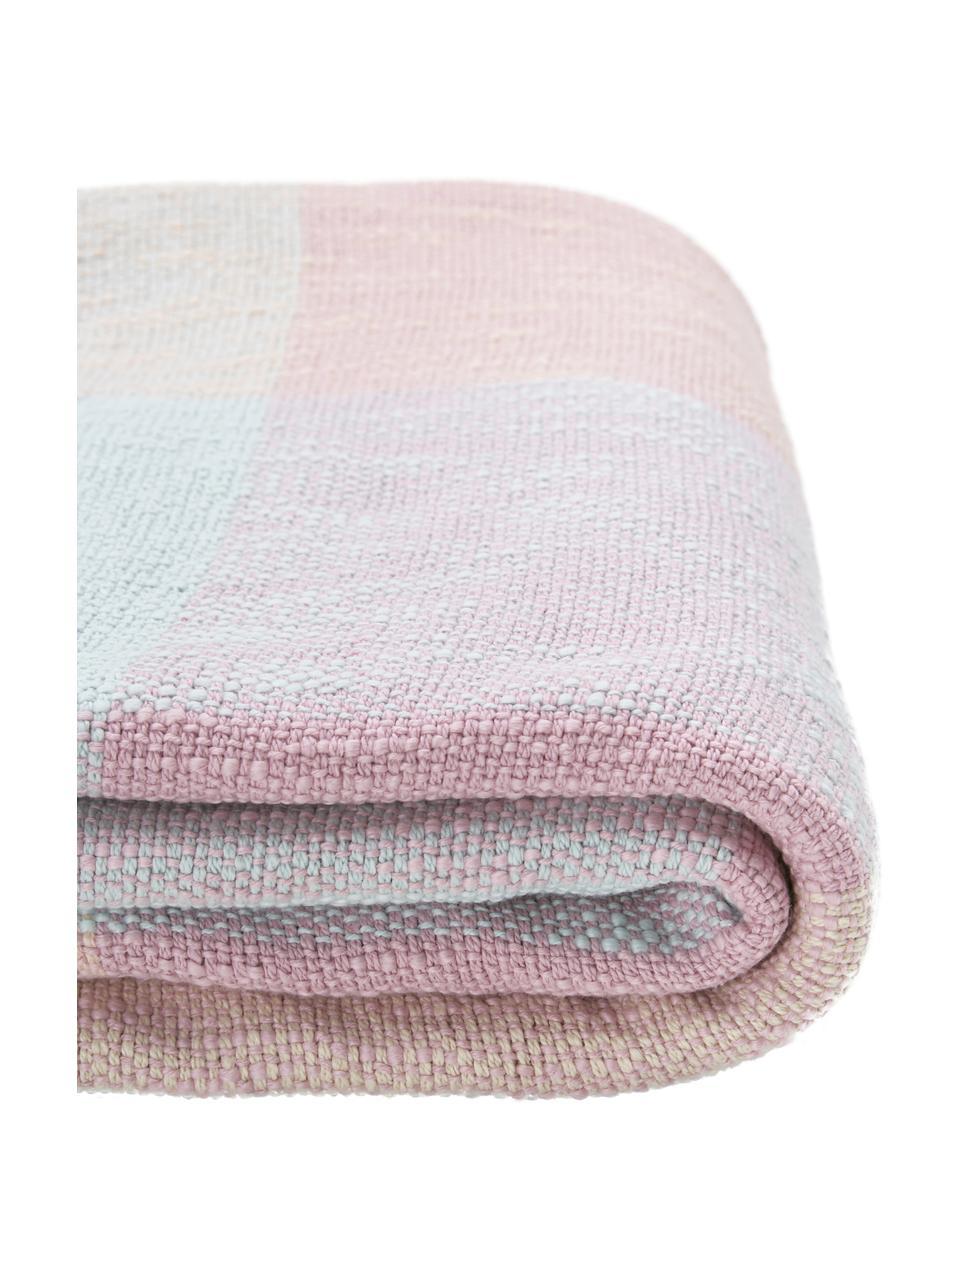 Karierte Baumwolldecke Karen mit Fransenabschluss in Pastelltönen, 100% Baumwolle, Rosa, 130 x 170 cm